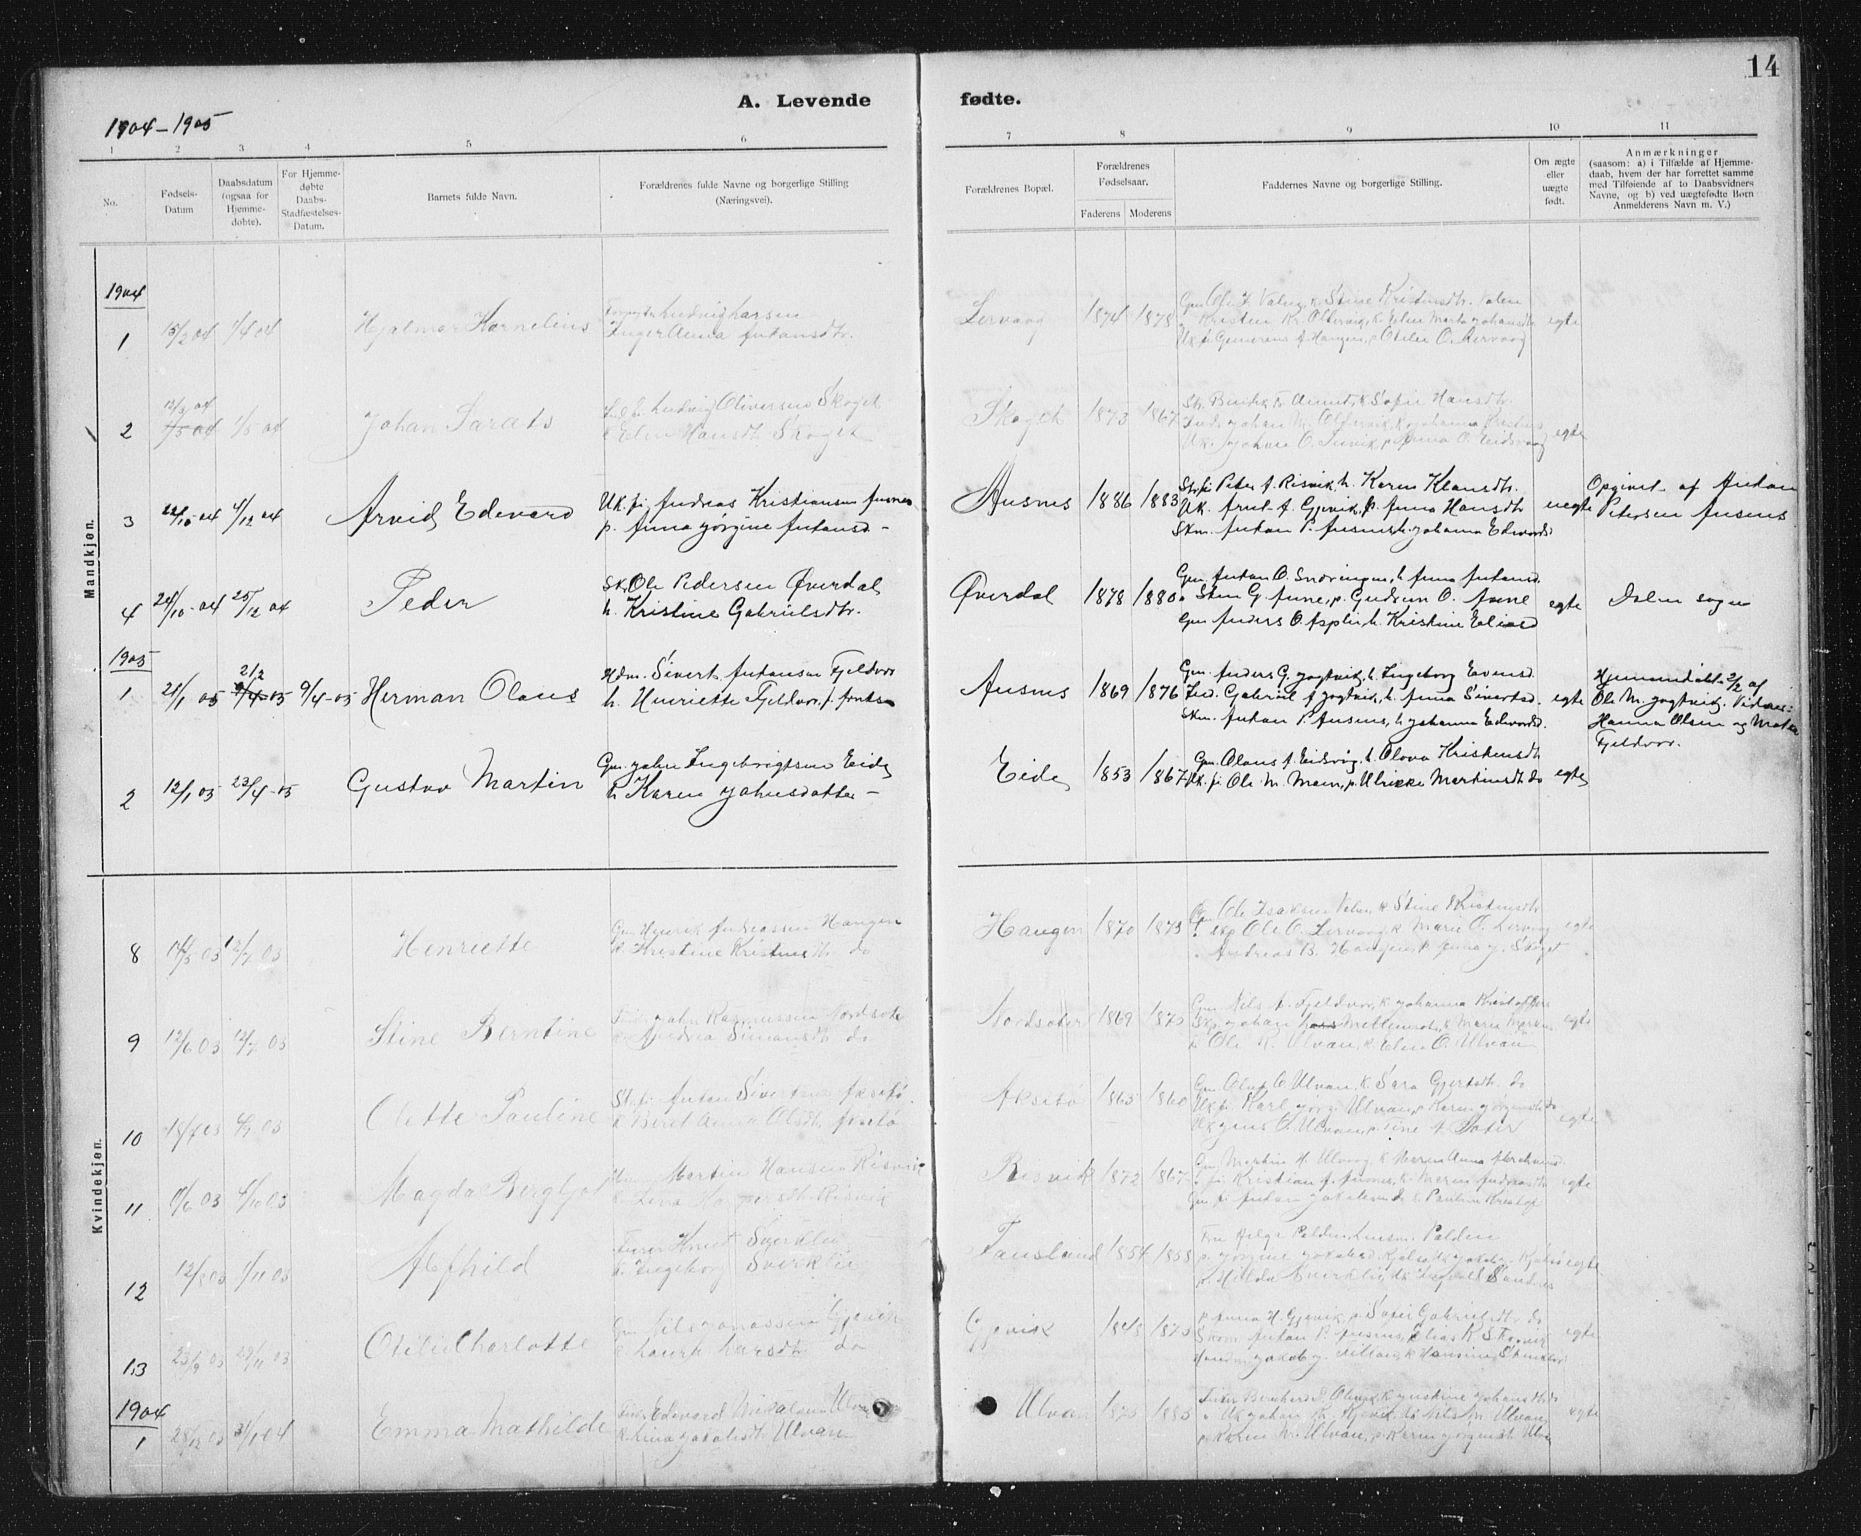 SAT, Ministerialprotokoller, klokkerbøker og fødselsregistre - Sør-Trøndelag, 637/L0563: Klokkerbok nr. 637C04, 1899-1940, s. 14